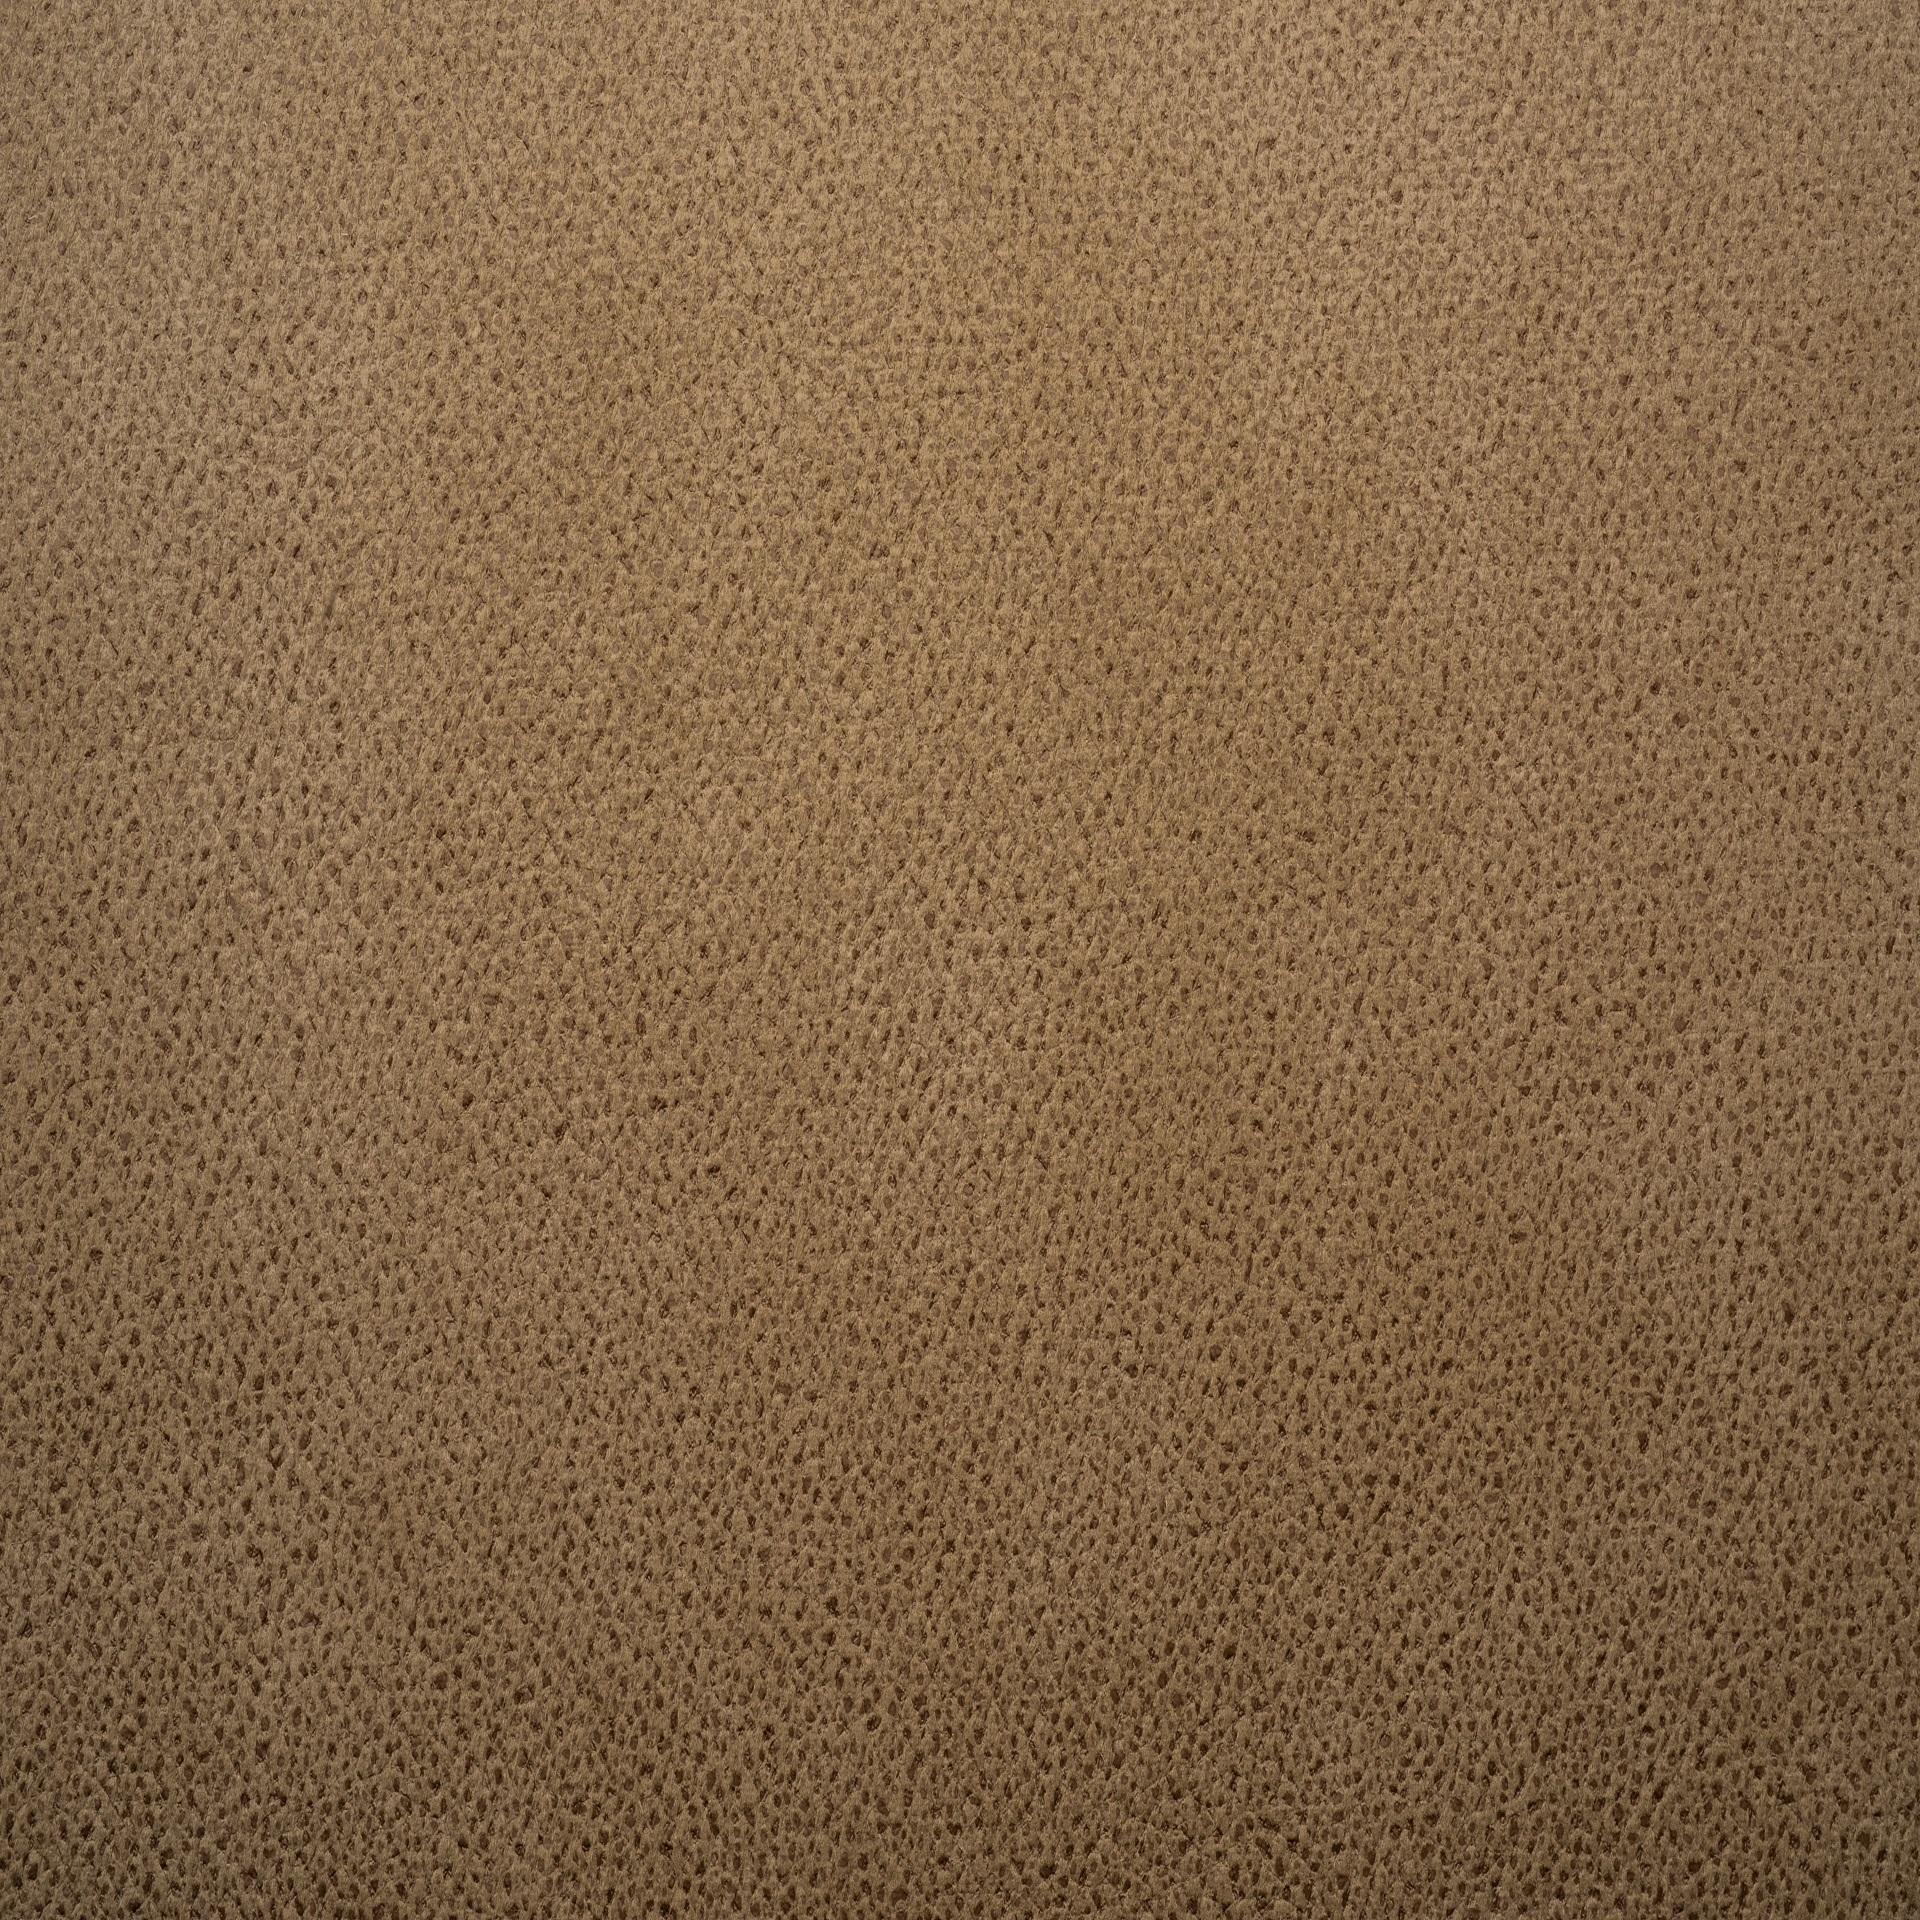 Коллекция ткани Мустанг CARAMEL,  купить ткань Велюр для мебели Украина